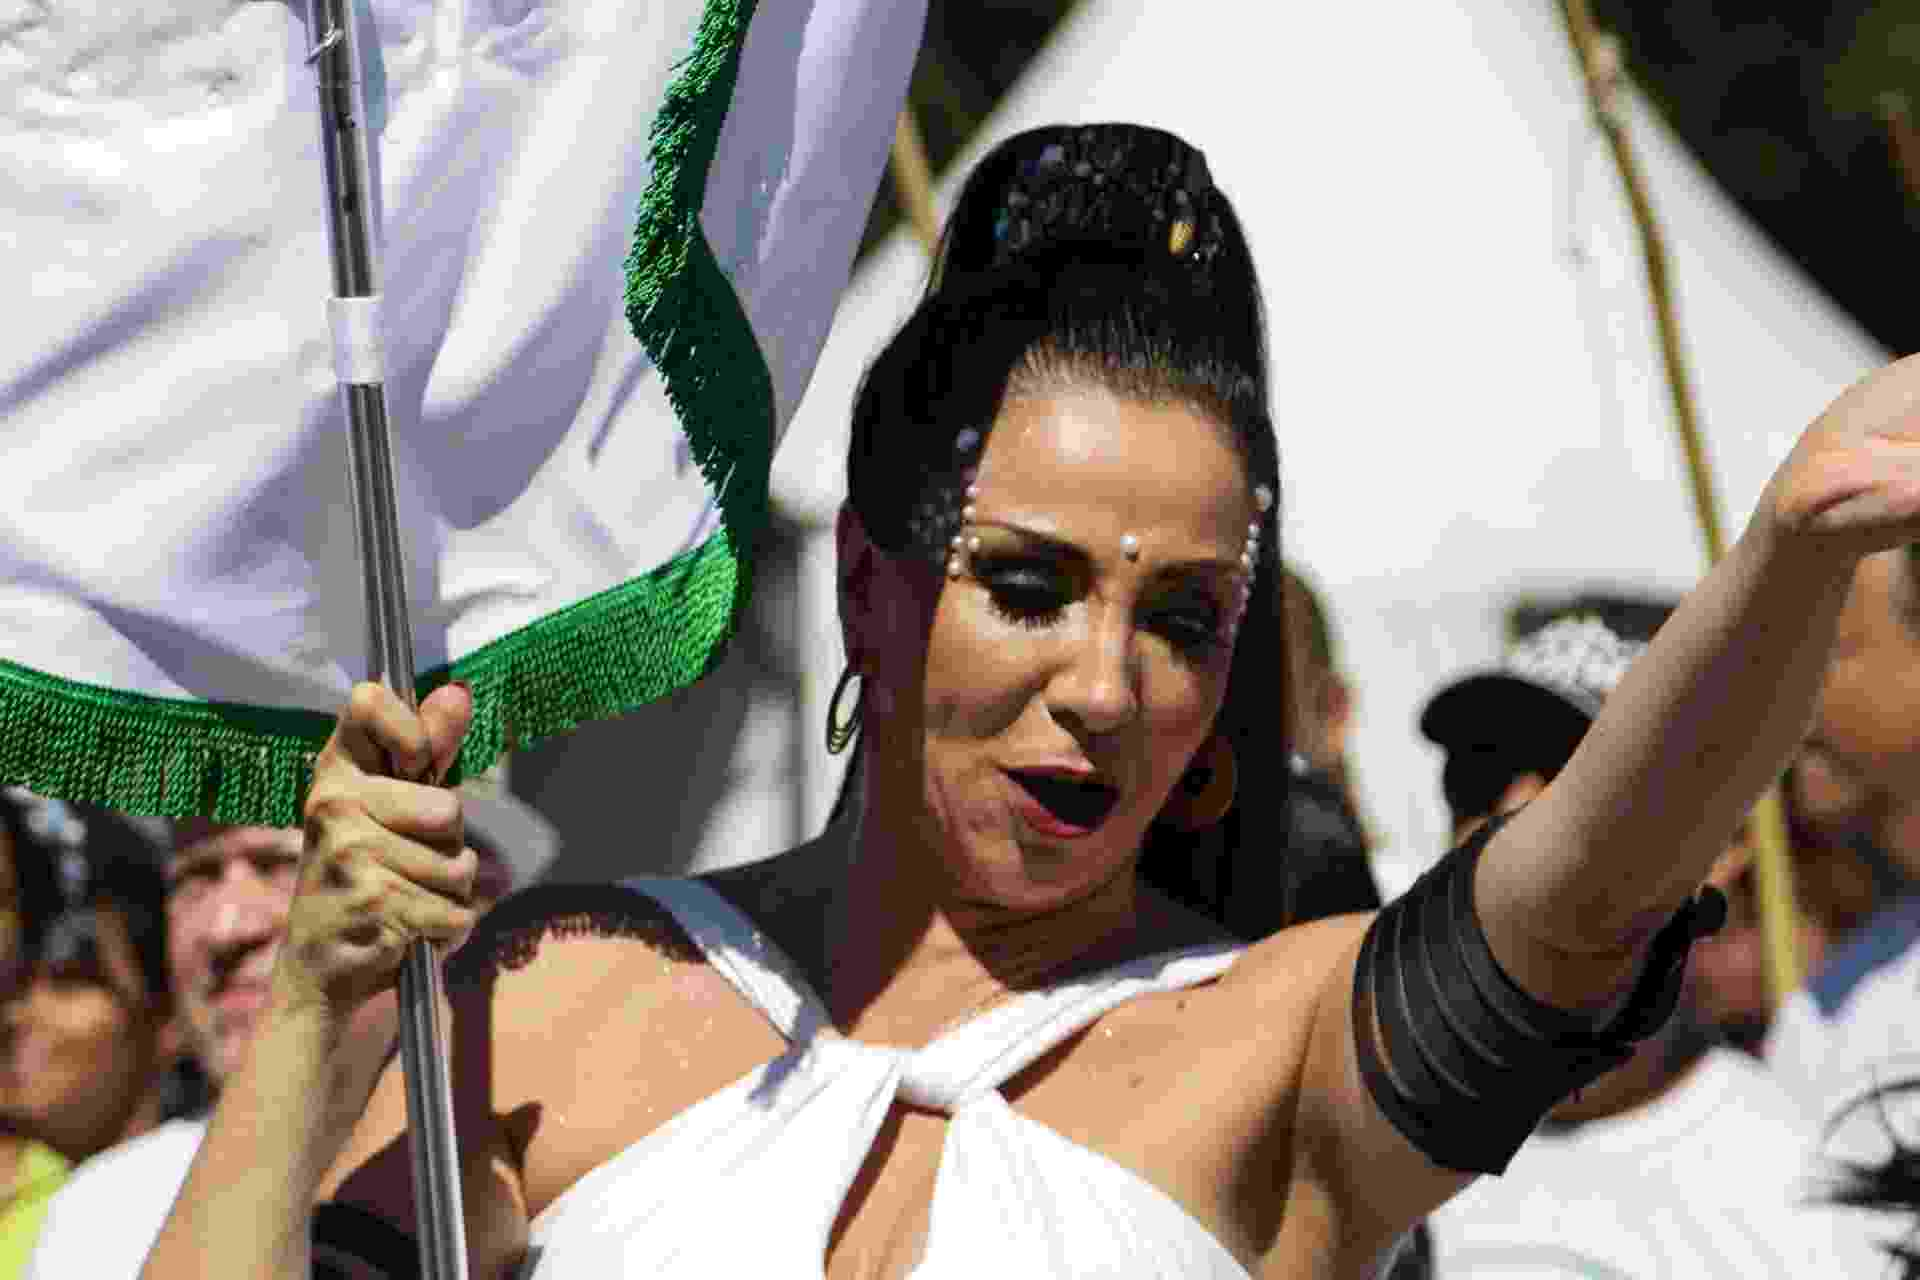 Porta-bandeira, a atriz Marisa Orth participa de desfile do bloco Os Capoeira, na abertura do bloco Bicho Maluco Beleza, no Ibirapuera - Walmor Carvalho/FotoRua/Estadão Conteúdo